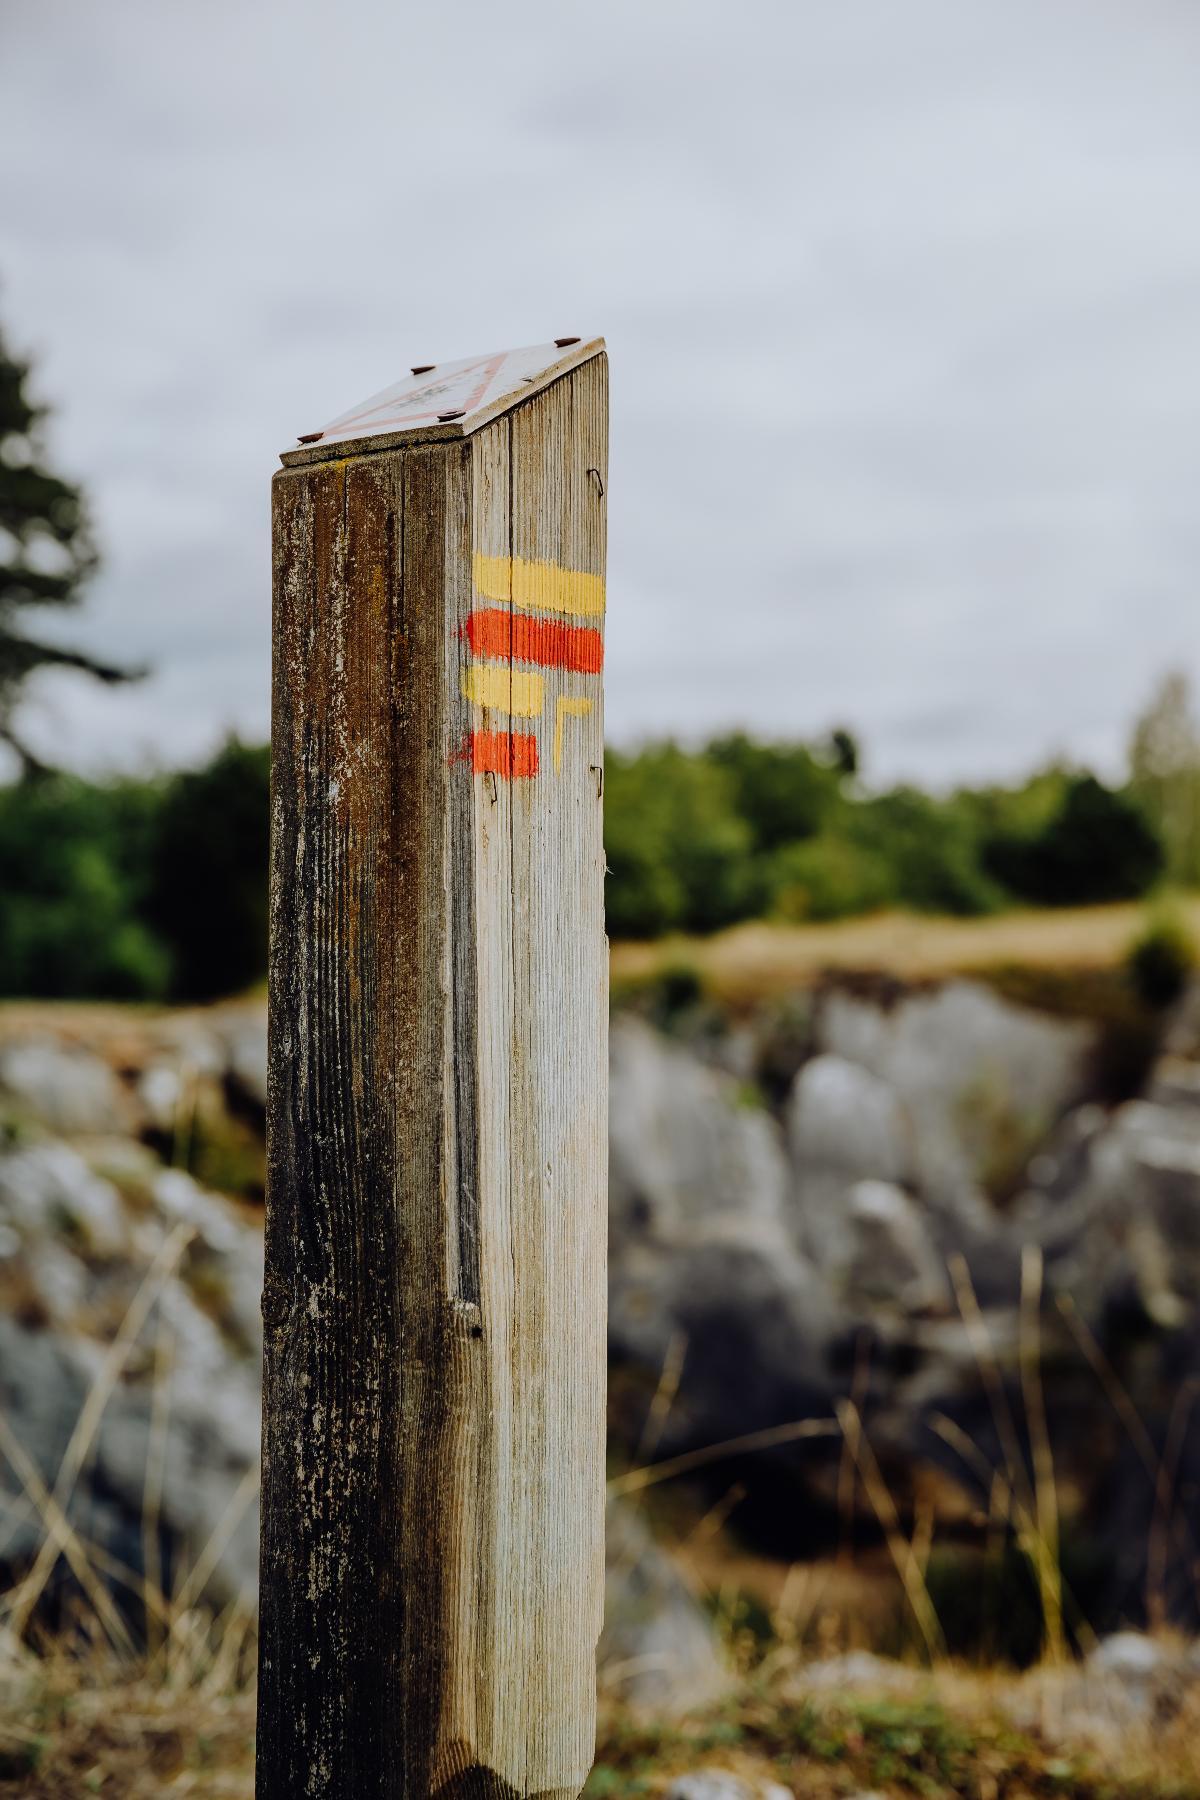 Grande Traversée de la Forêt du Pays de Chimay-Tronçon Macquenoise-Chimay